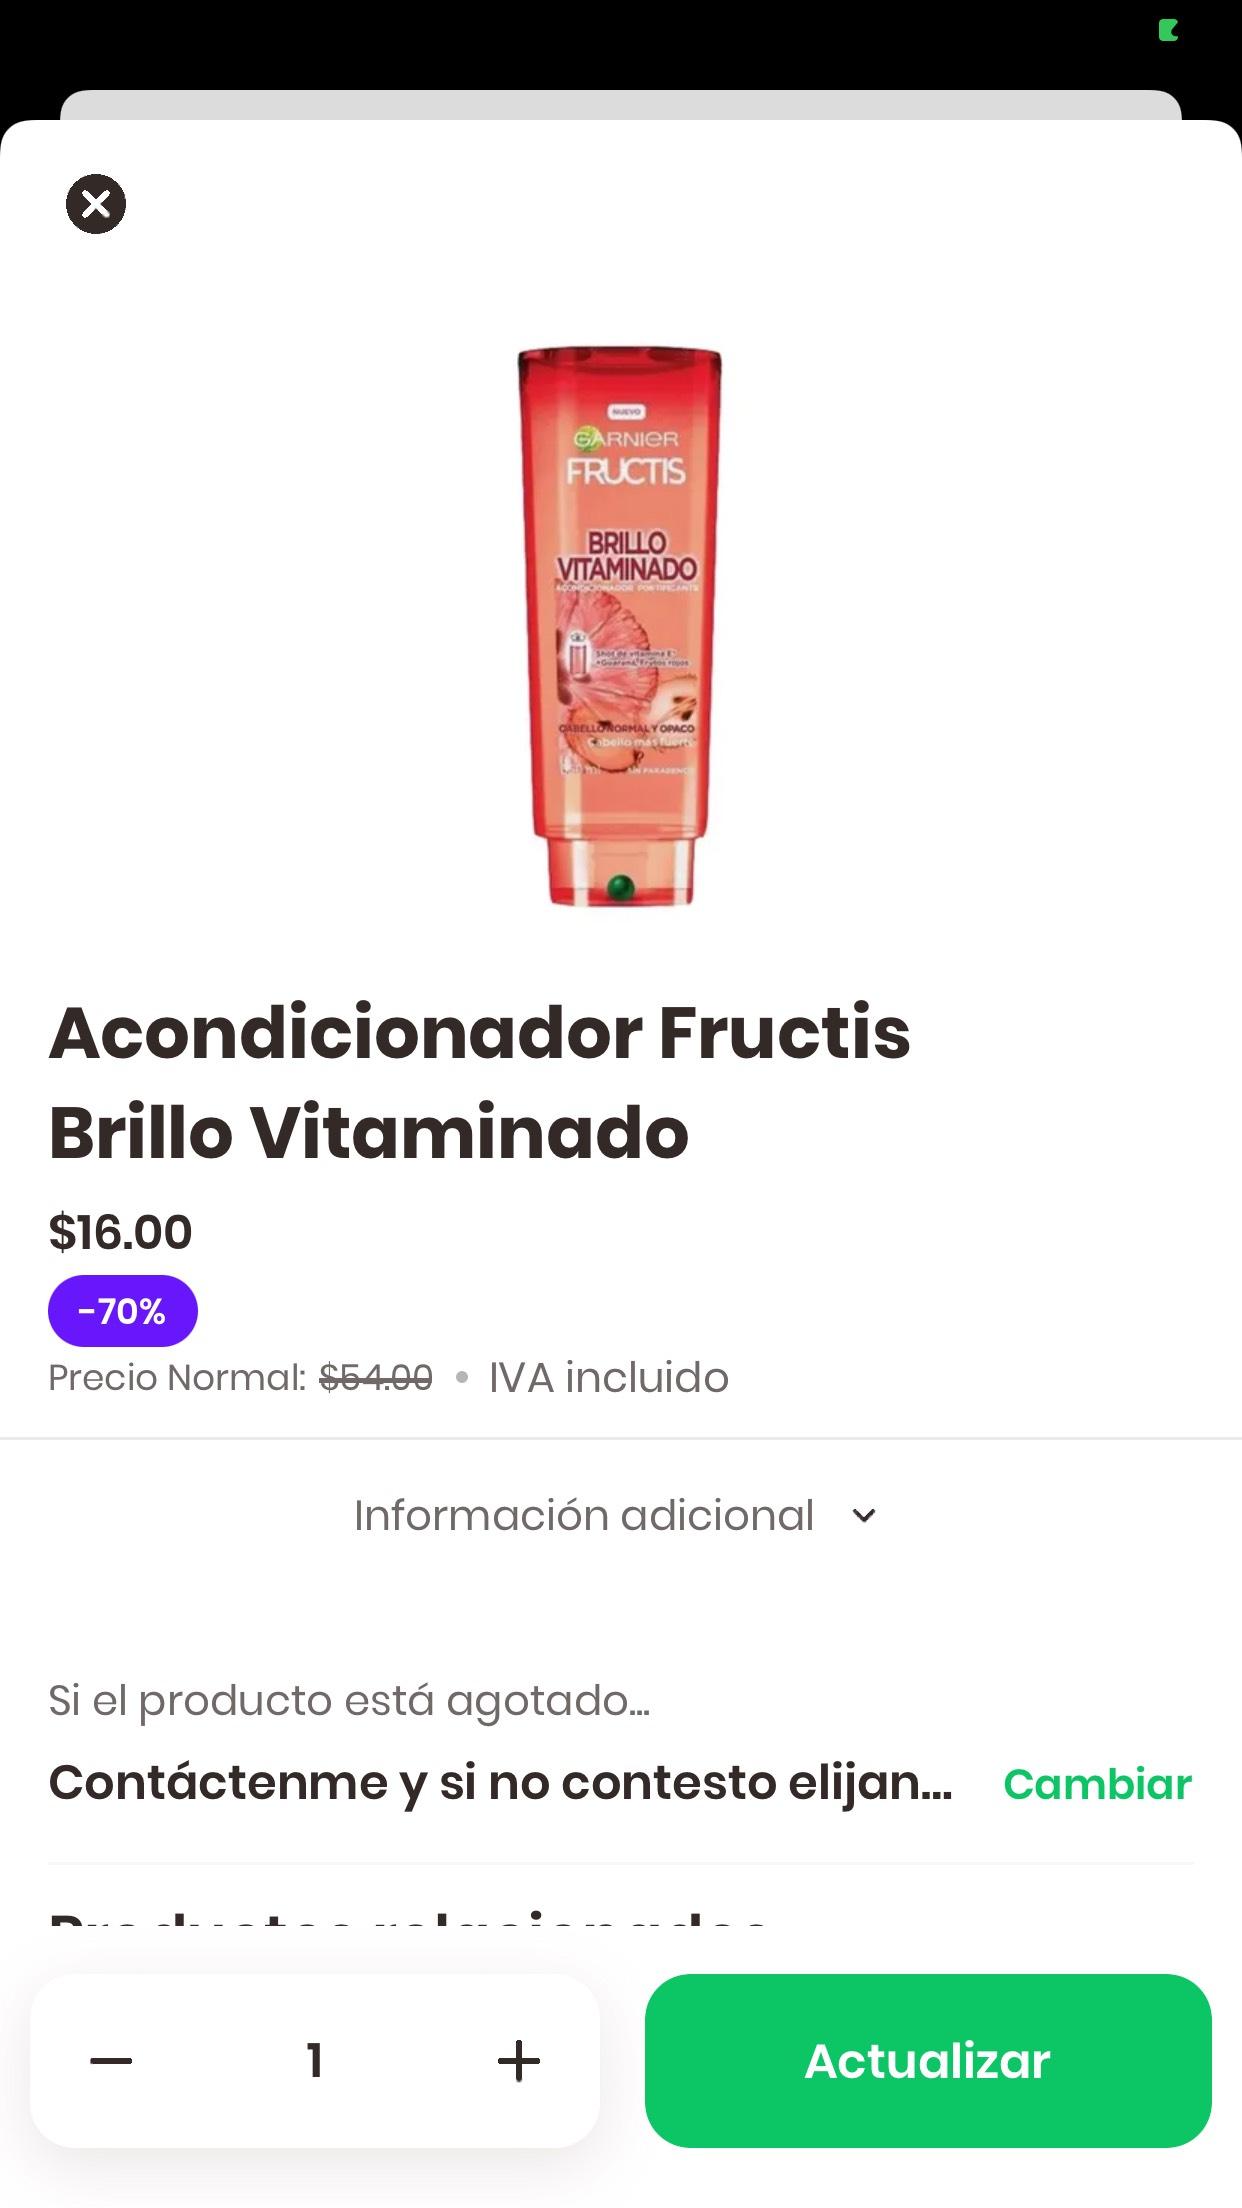 Rappi: Farmacias Benavides . Acondicionador fructis 650 ml